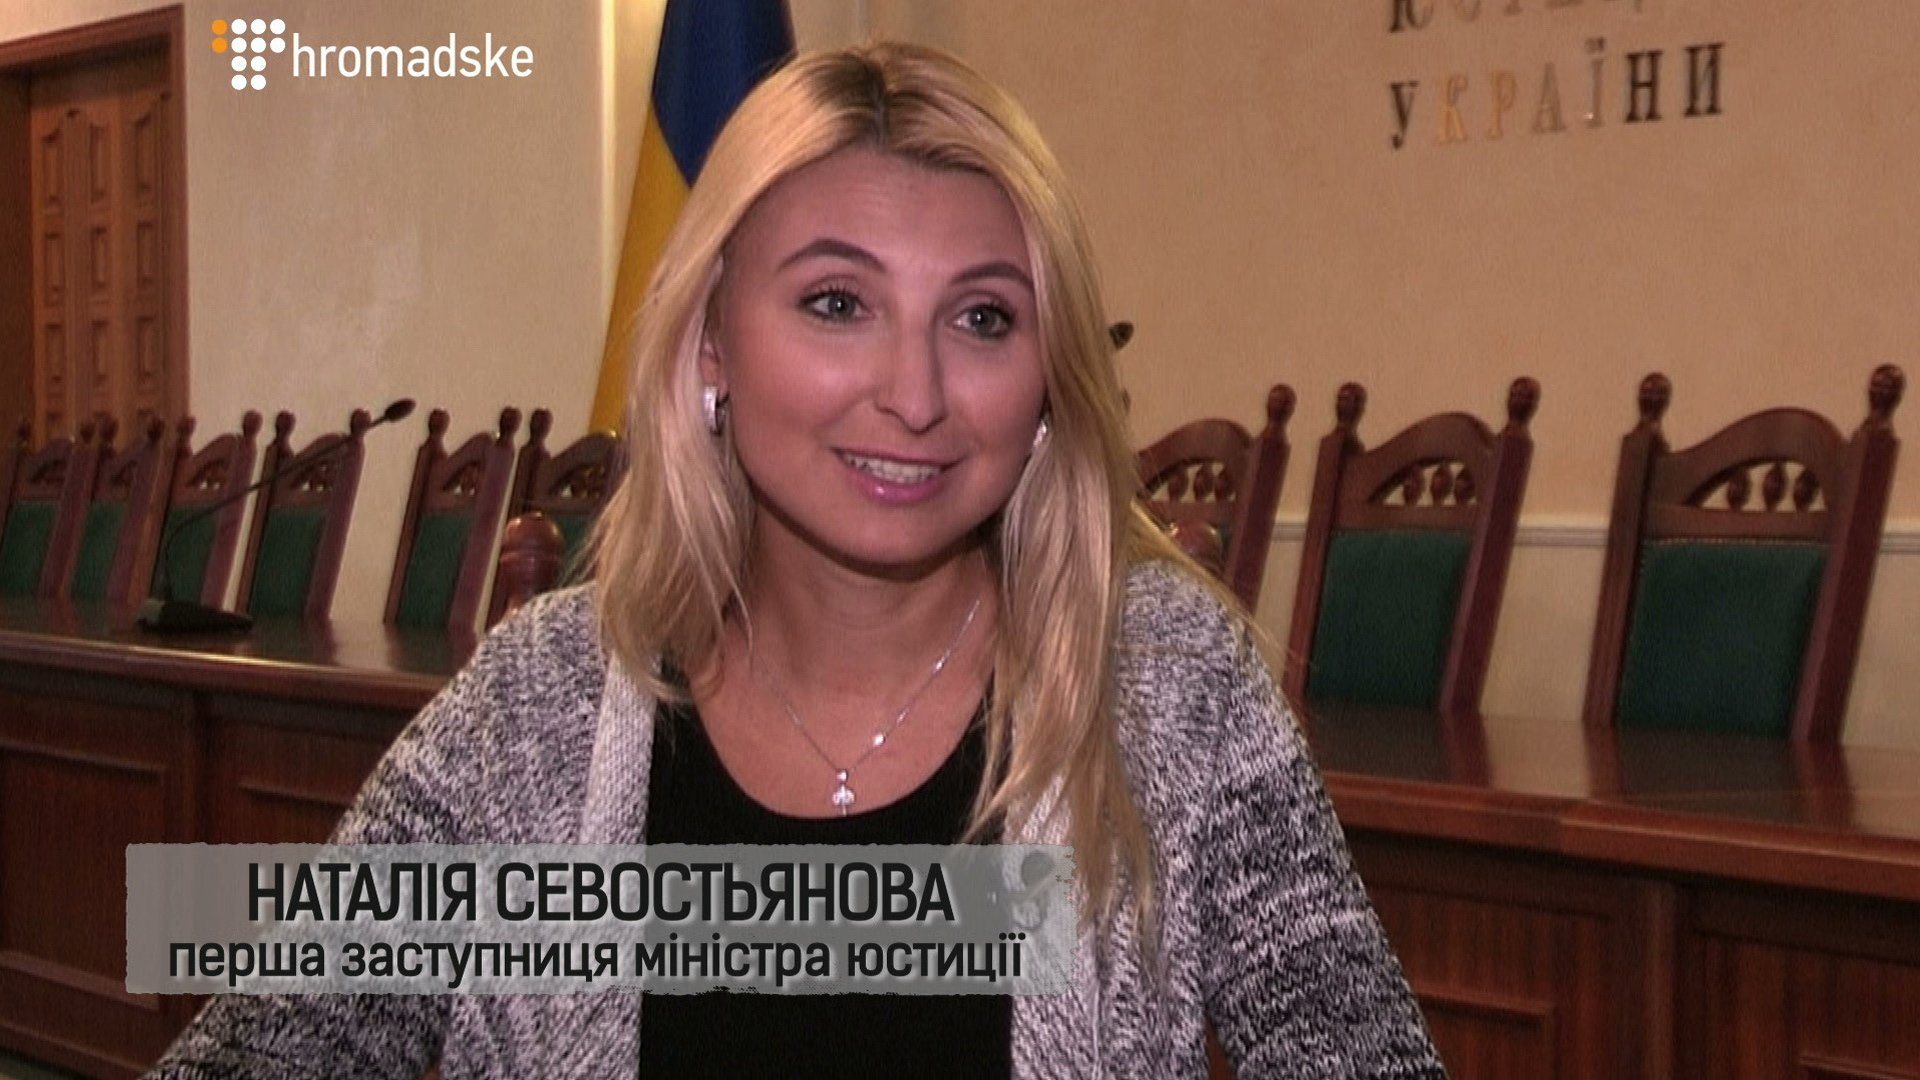 Севостьянова Наталья Илларионовна 3